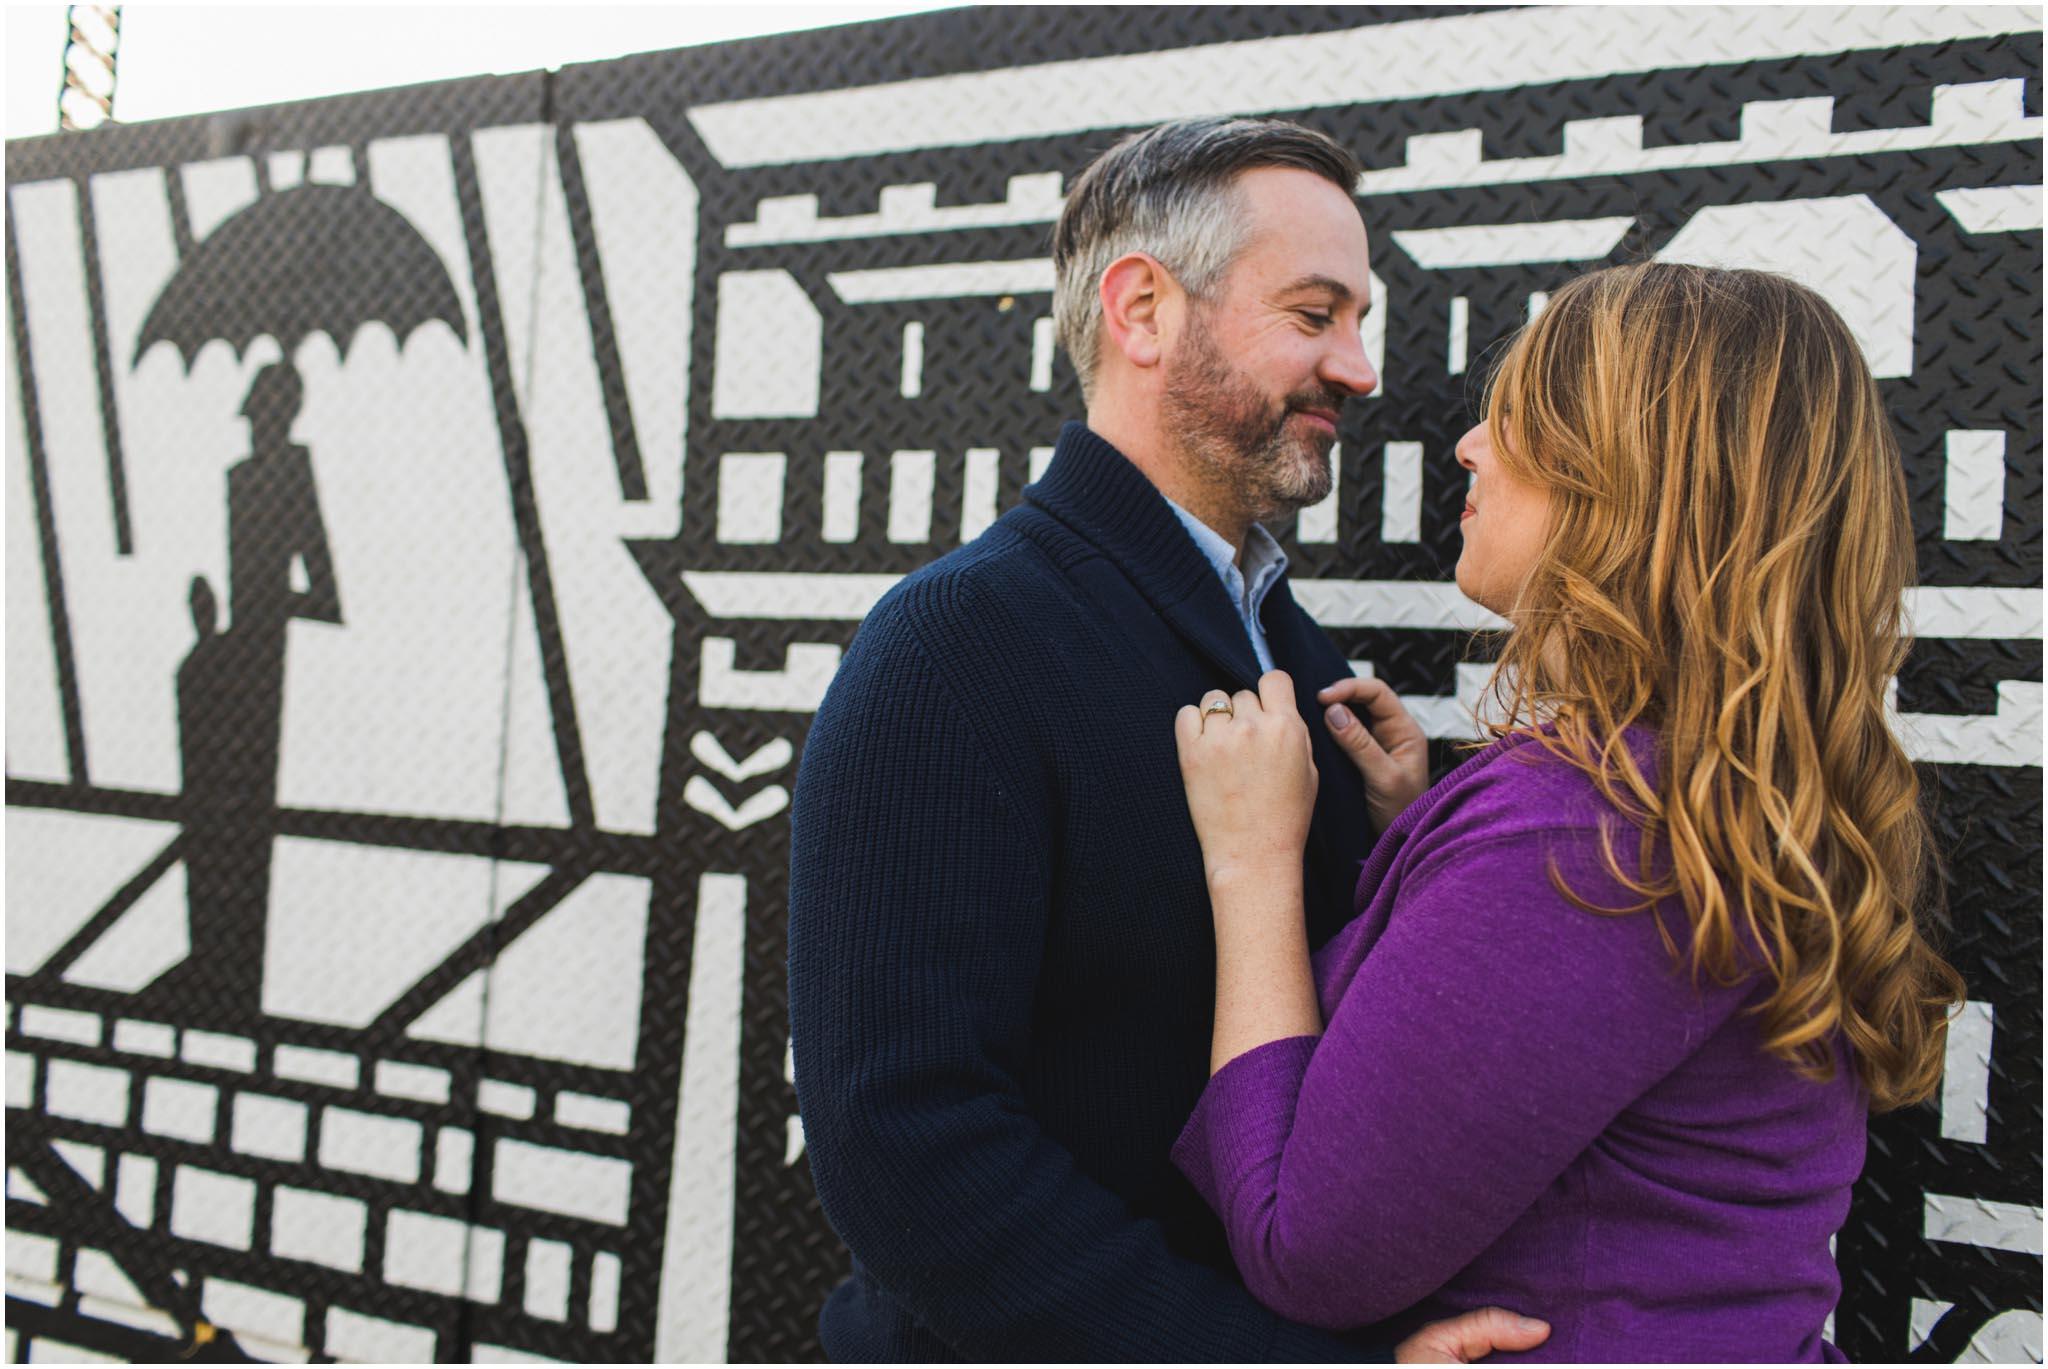 John Coltrane House, wedding, Philadelphia, engagement